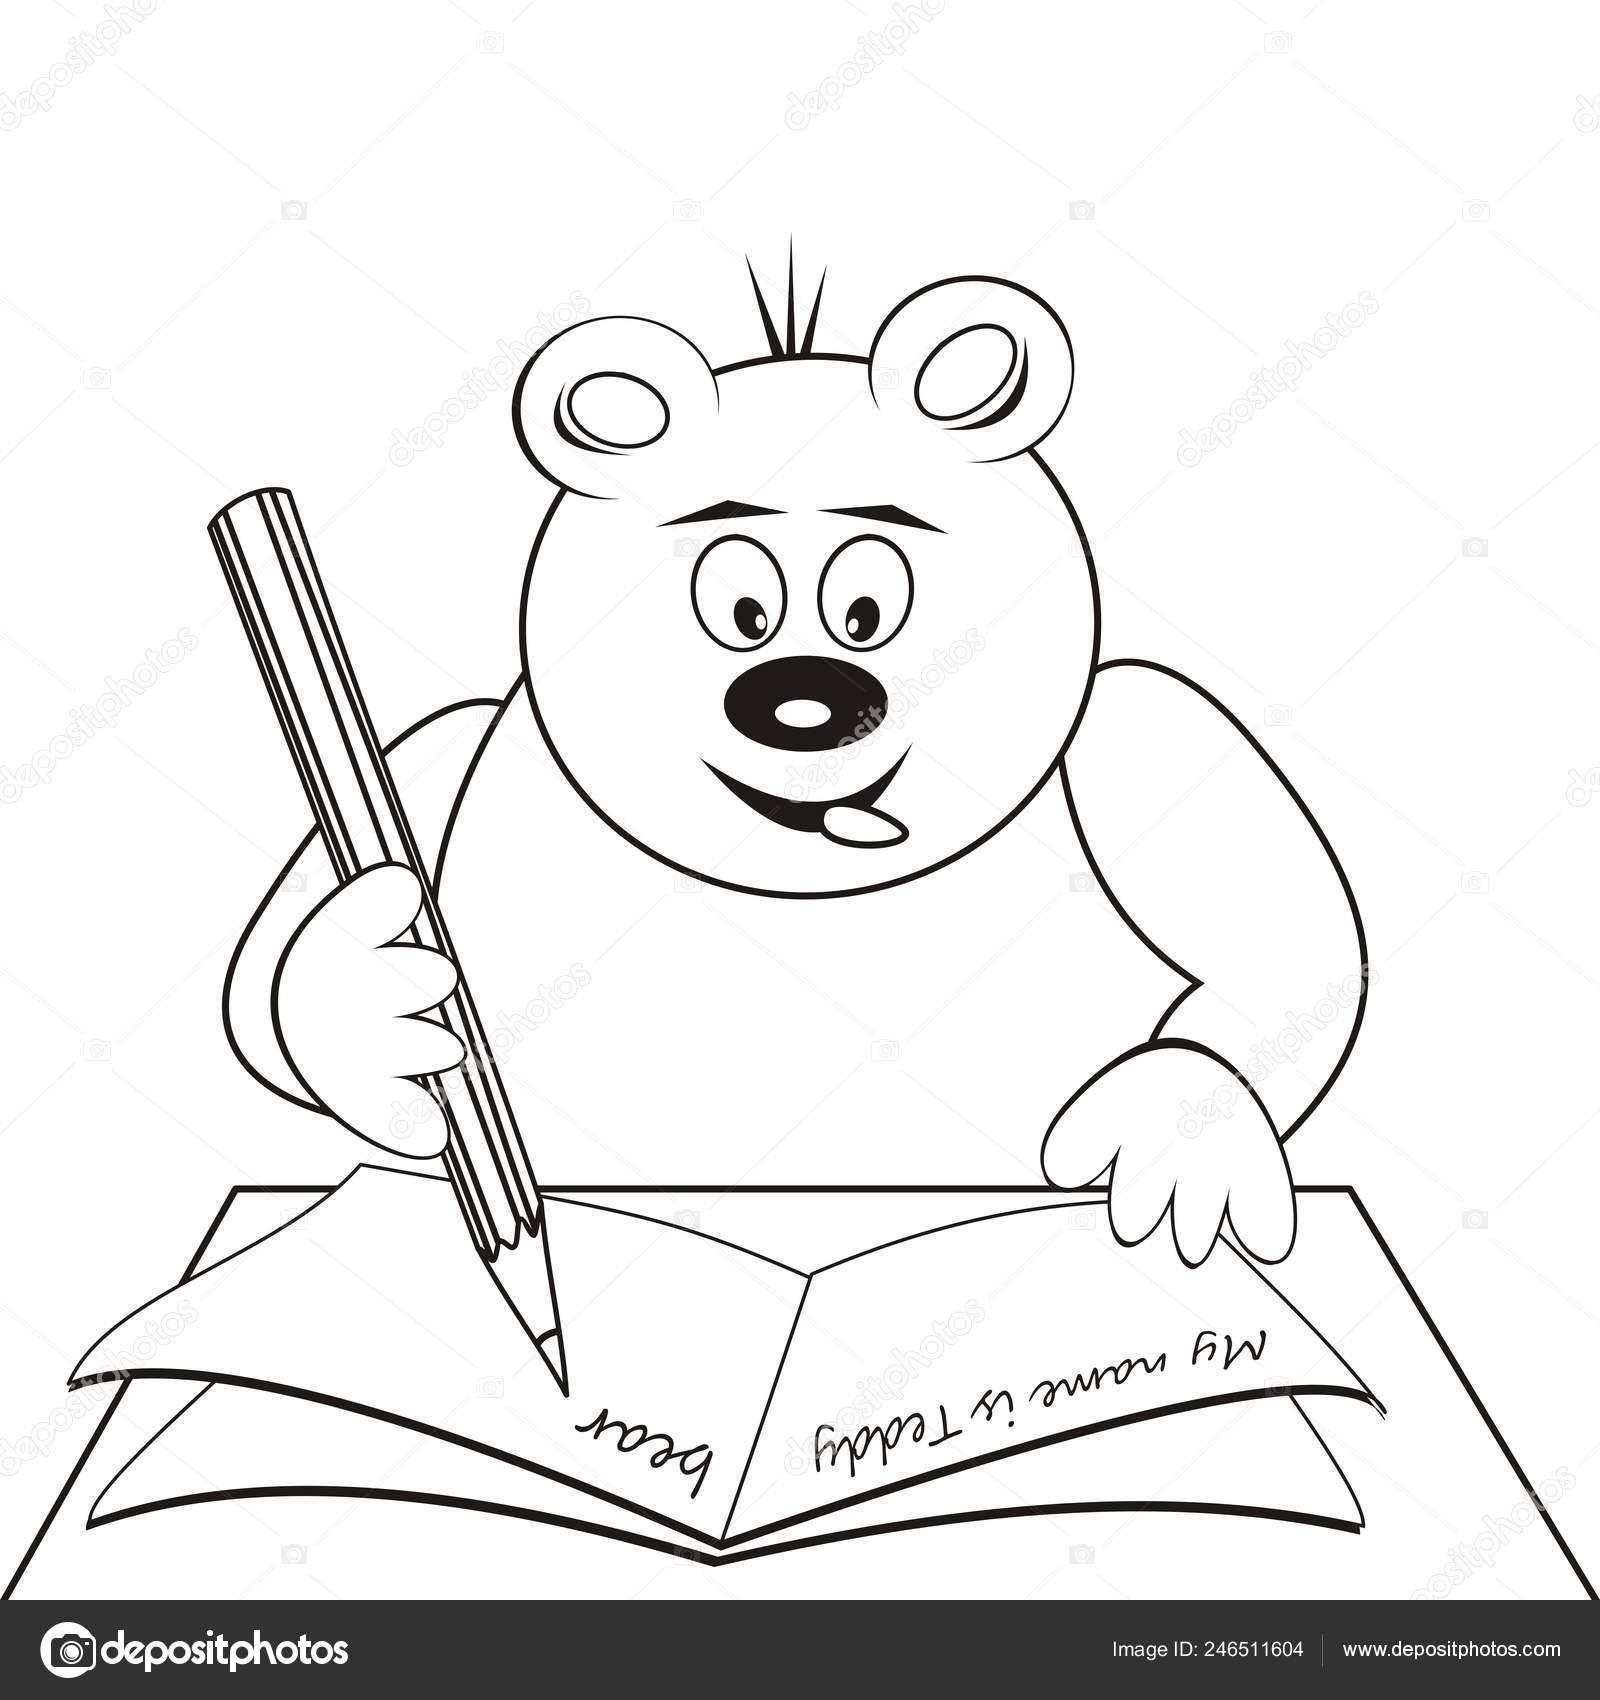 мишка раскраска вектор икона векторное изображение